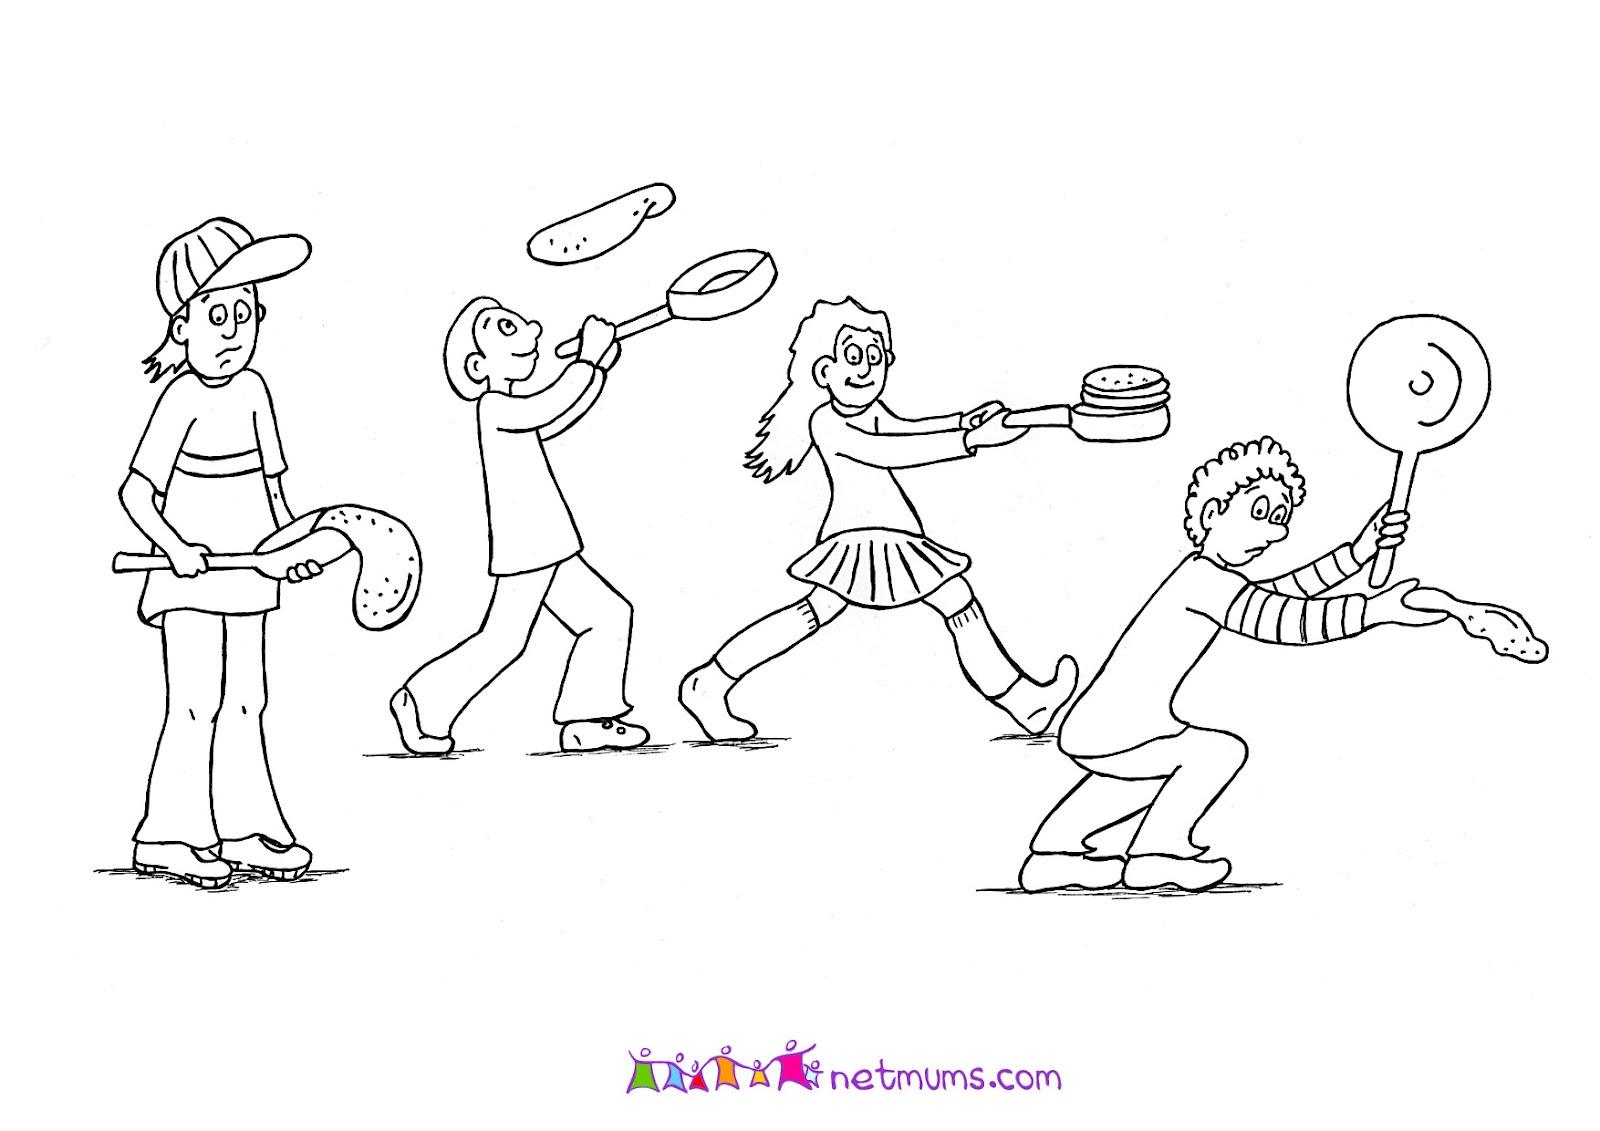 Baby potatoes: Pancake day!